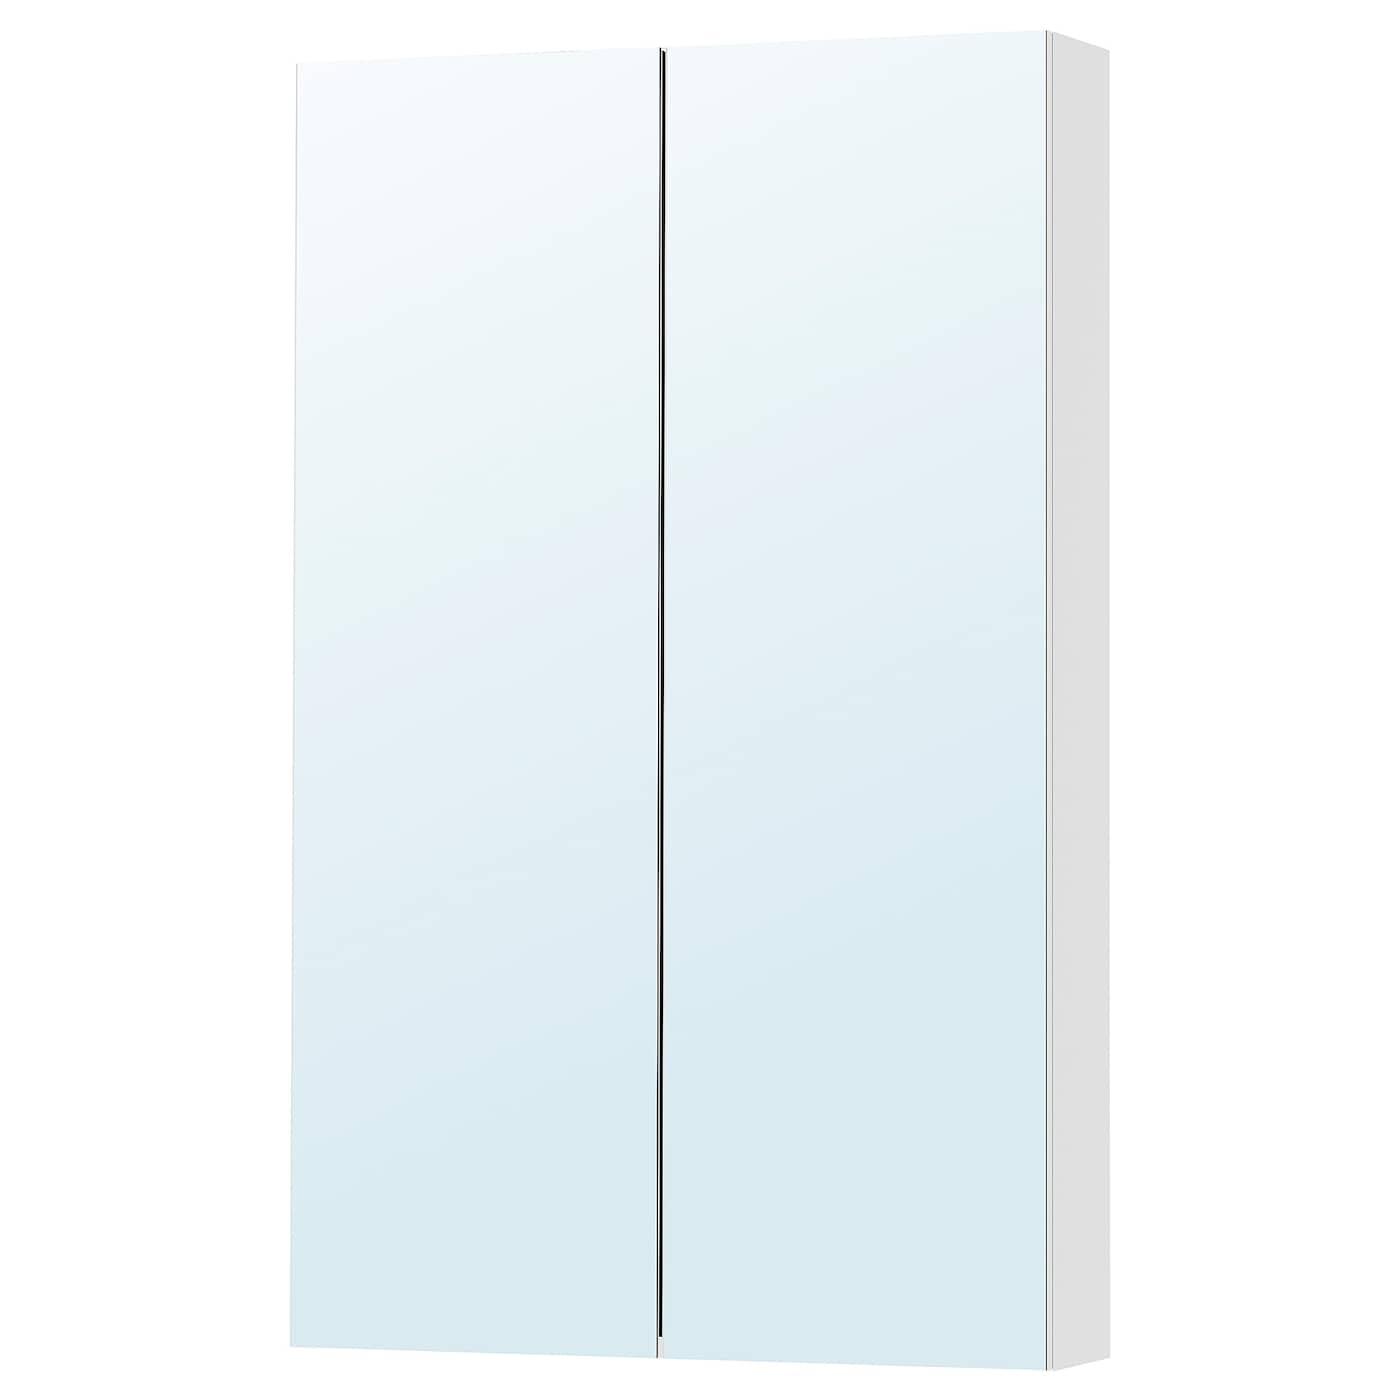 IKEA GODMORGON szafka z lustrem i parą drzwi, 60x14x96 cm